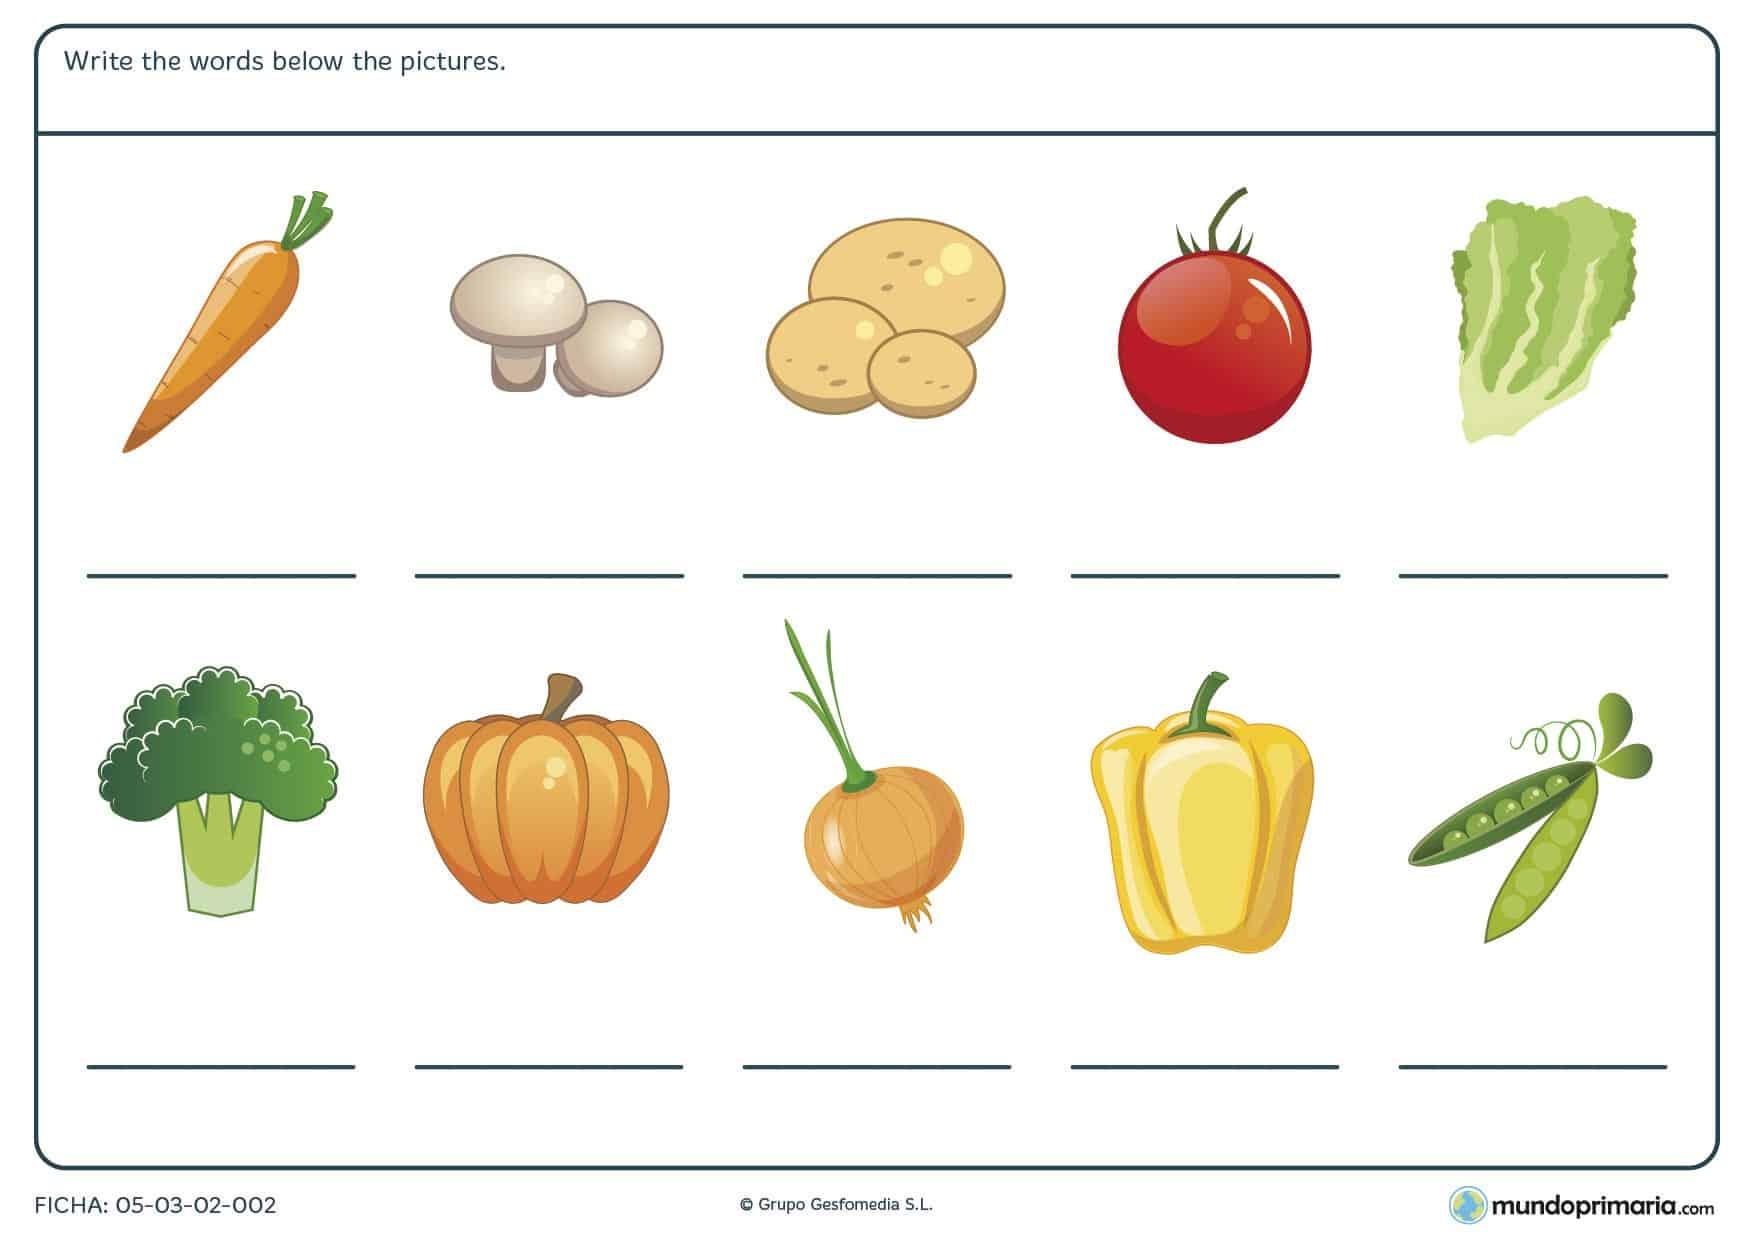 Sentarnos a leer cuentos en inglés con los más peques. Ficha de vegetables para primaria